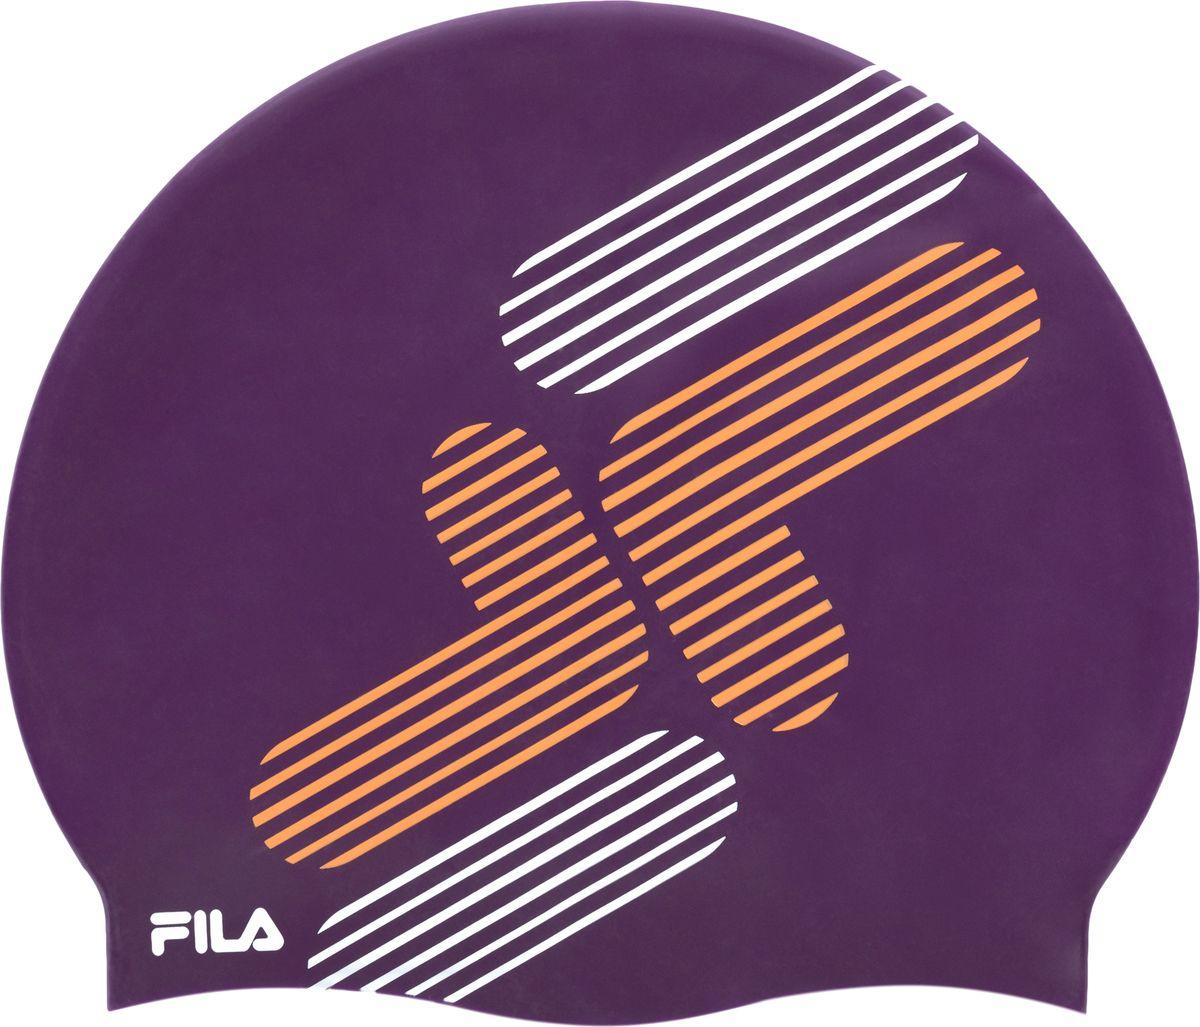 Шапочка для плавания Fila, цвет: фиолетовый. 17BAU321P317BAU321P3Шапочка для плавания от Fila, выполненная из эластичного водонепроницаемого силикона.